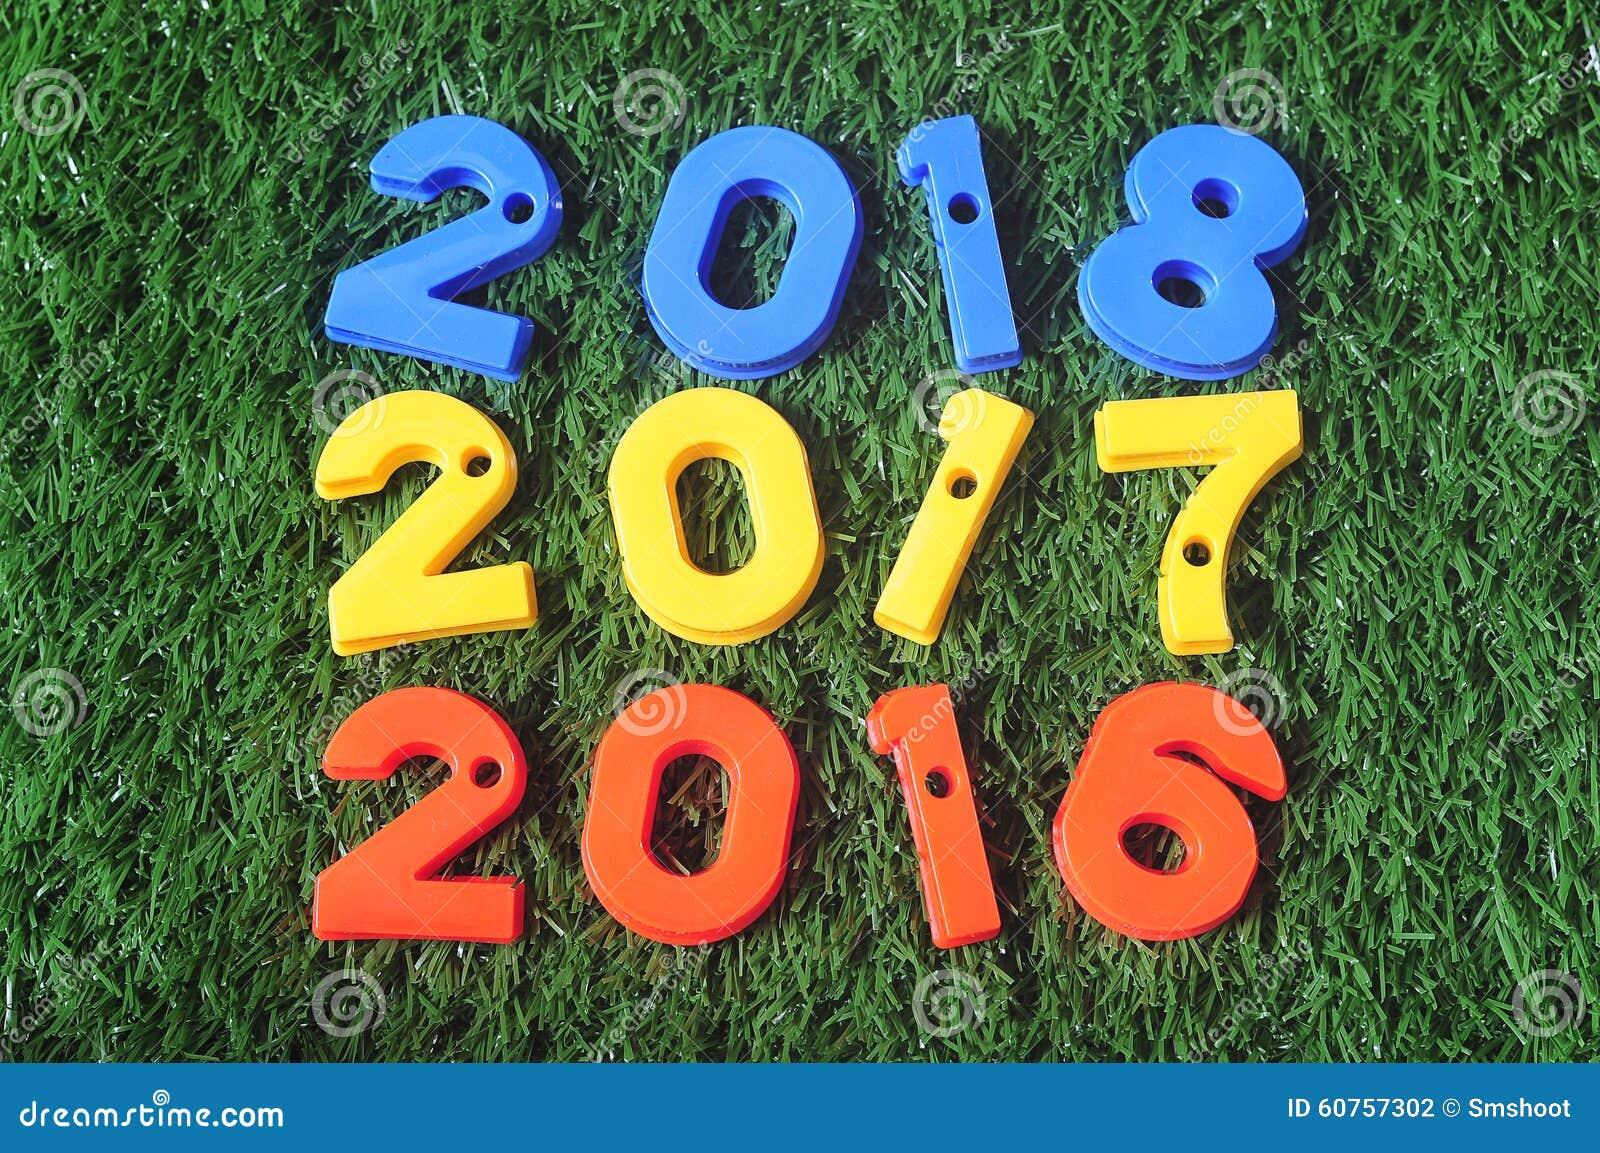 Nouvelle ann e 2016 id e color e du nombre 2017 et 2018 photo stock image 60757302 - Idee nouvel an 2017 ...